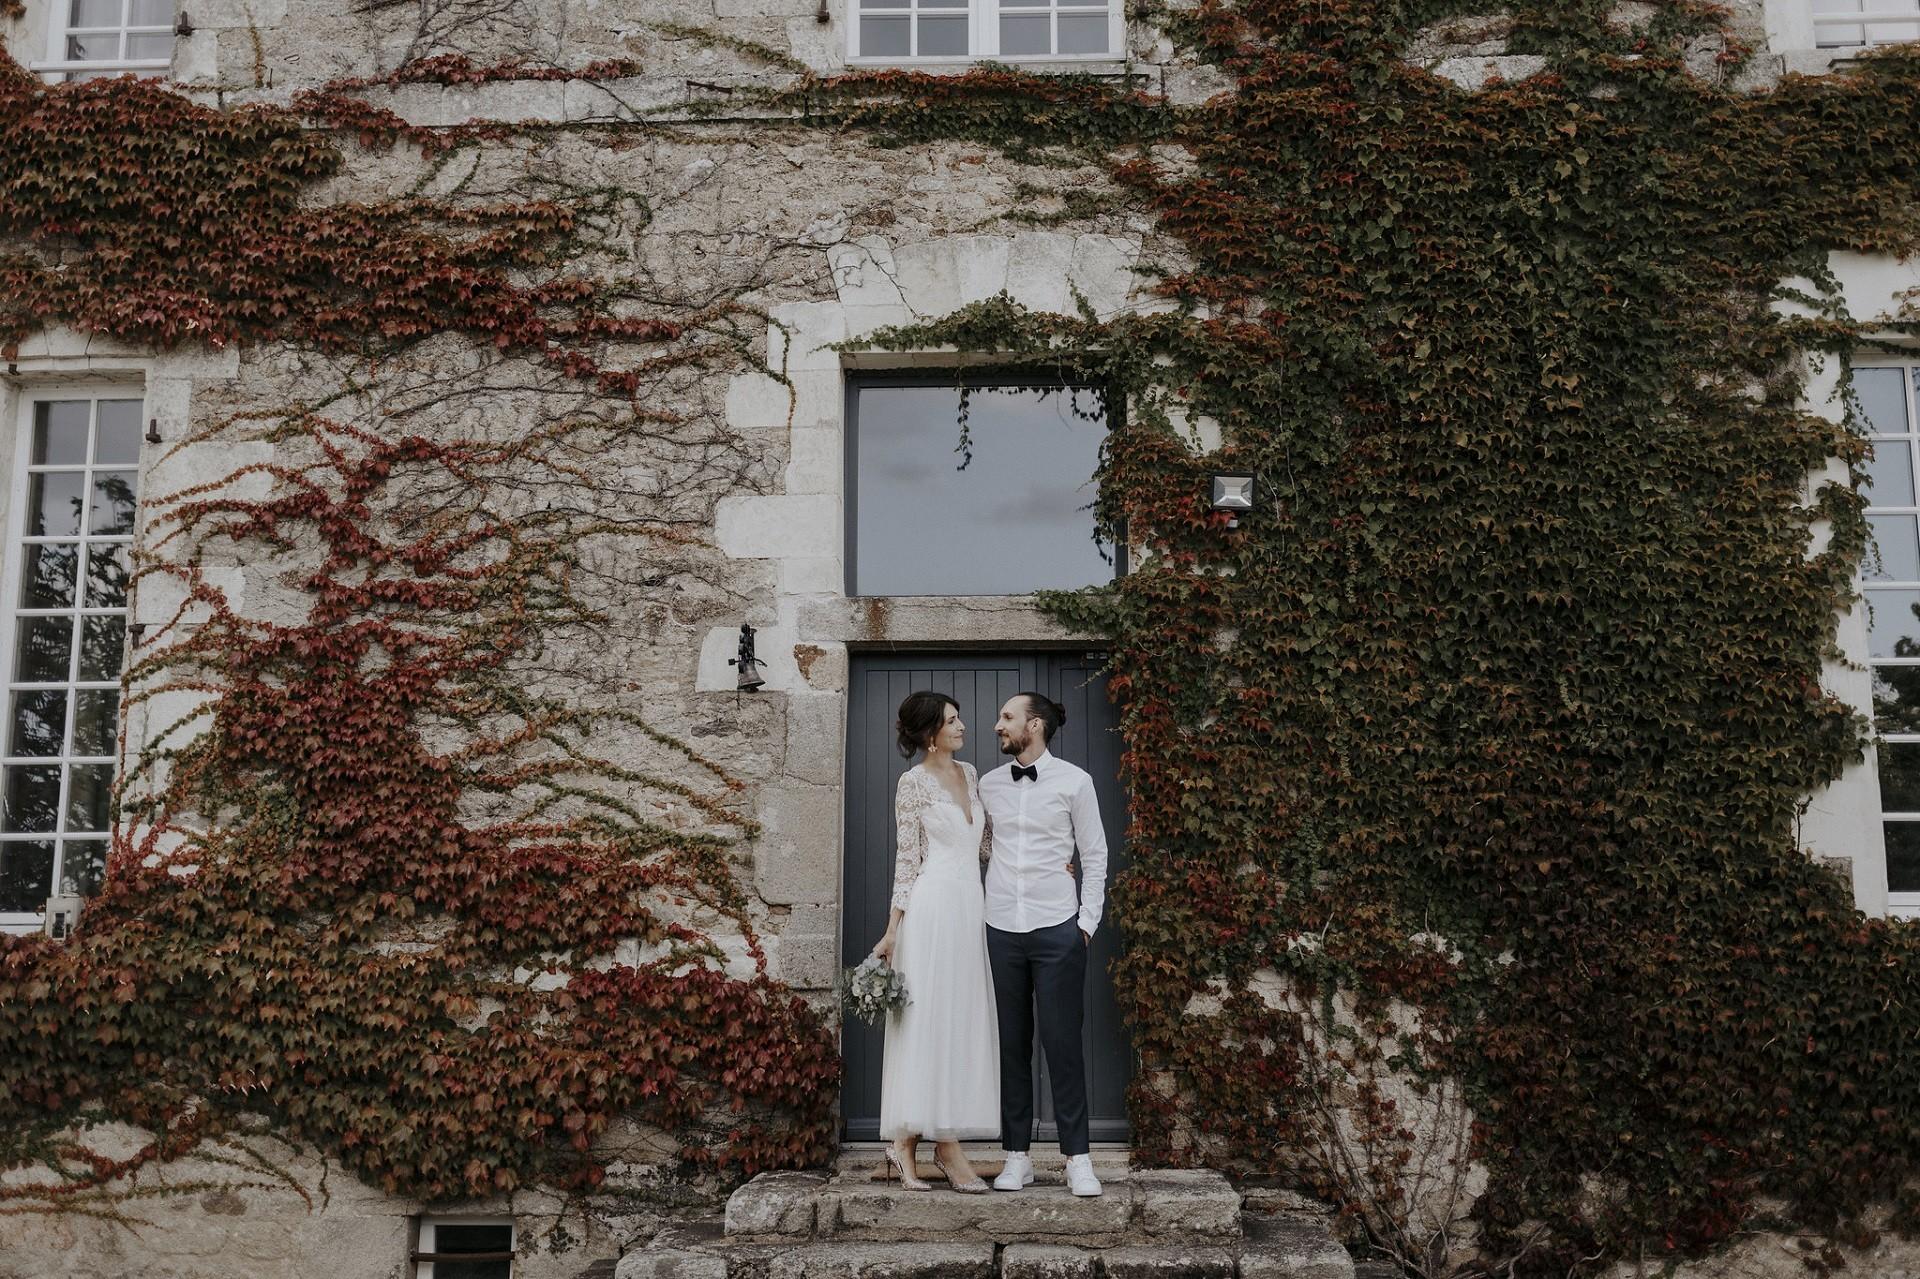 Un mariage au chateau de la garnison pres de nantes phtographié par flavie nelly